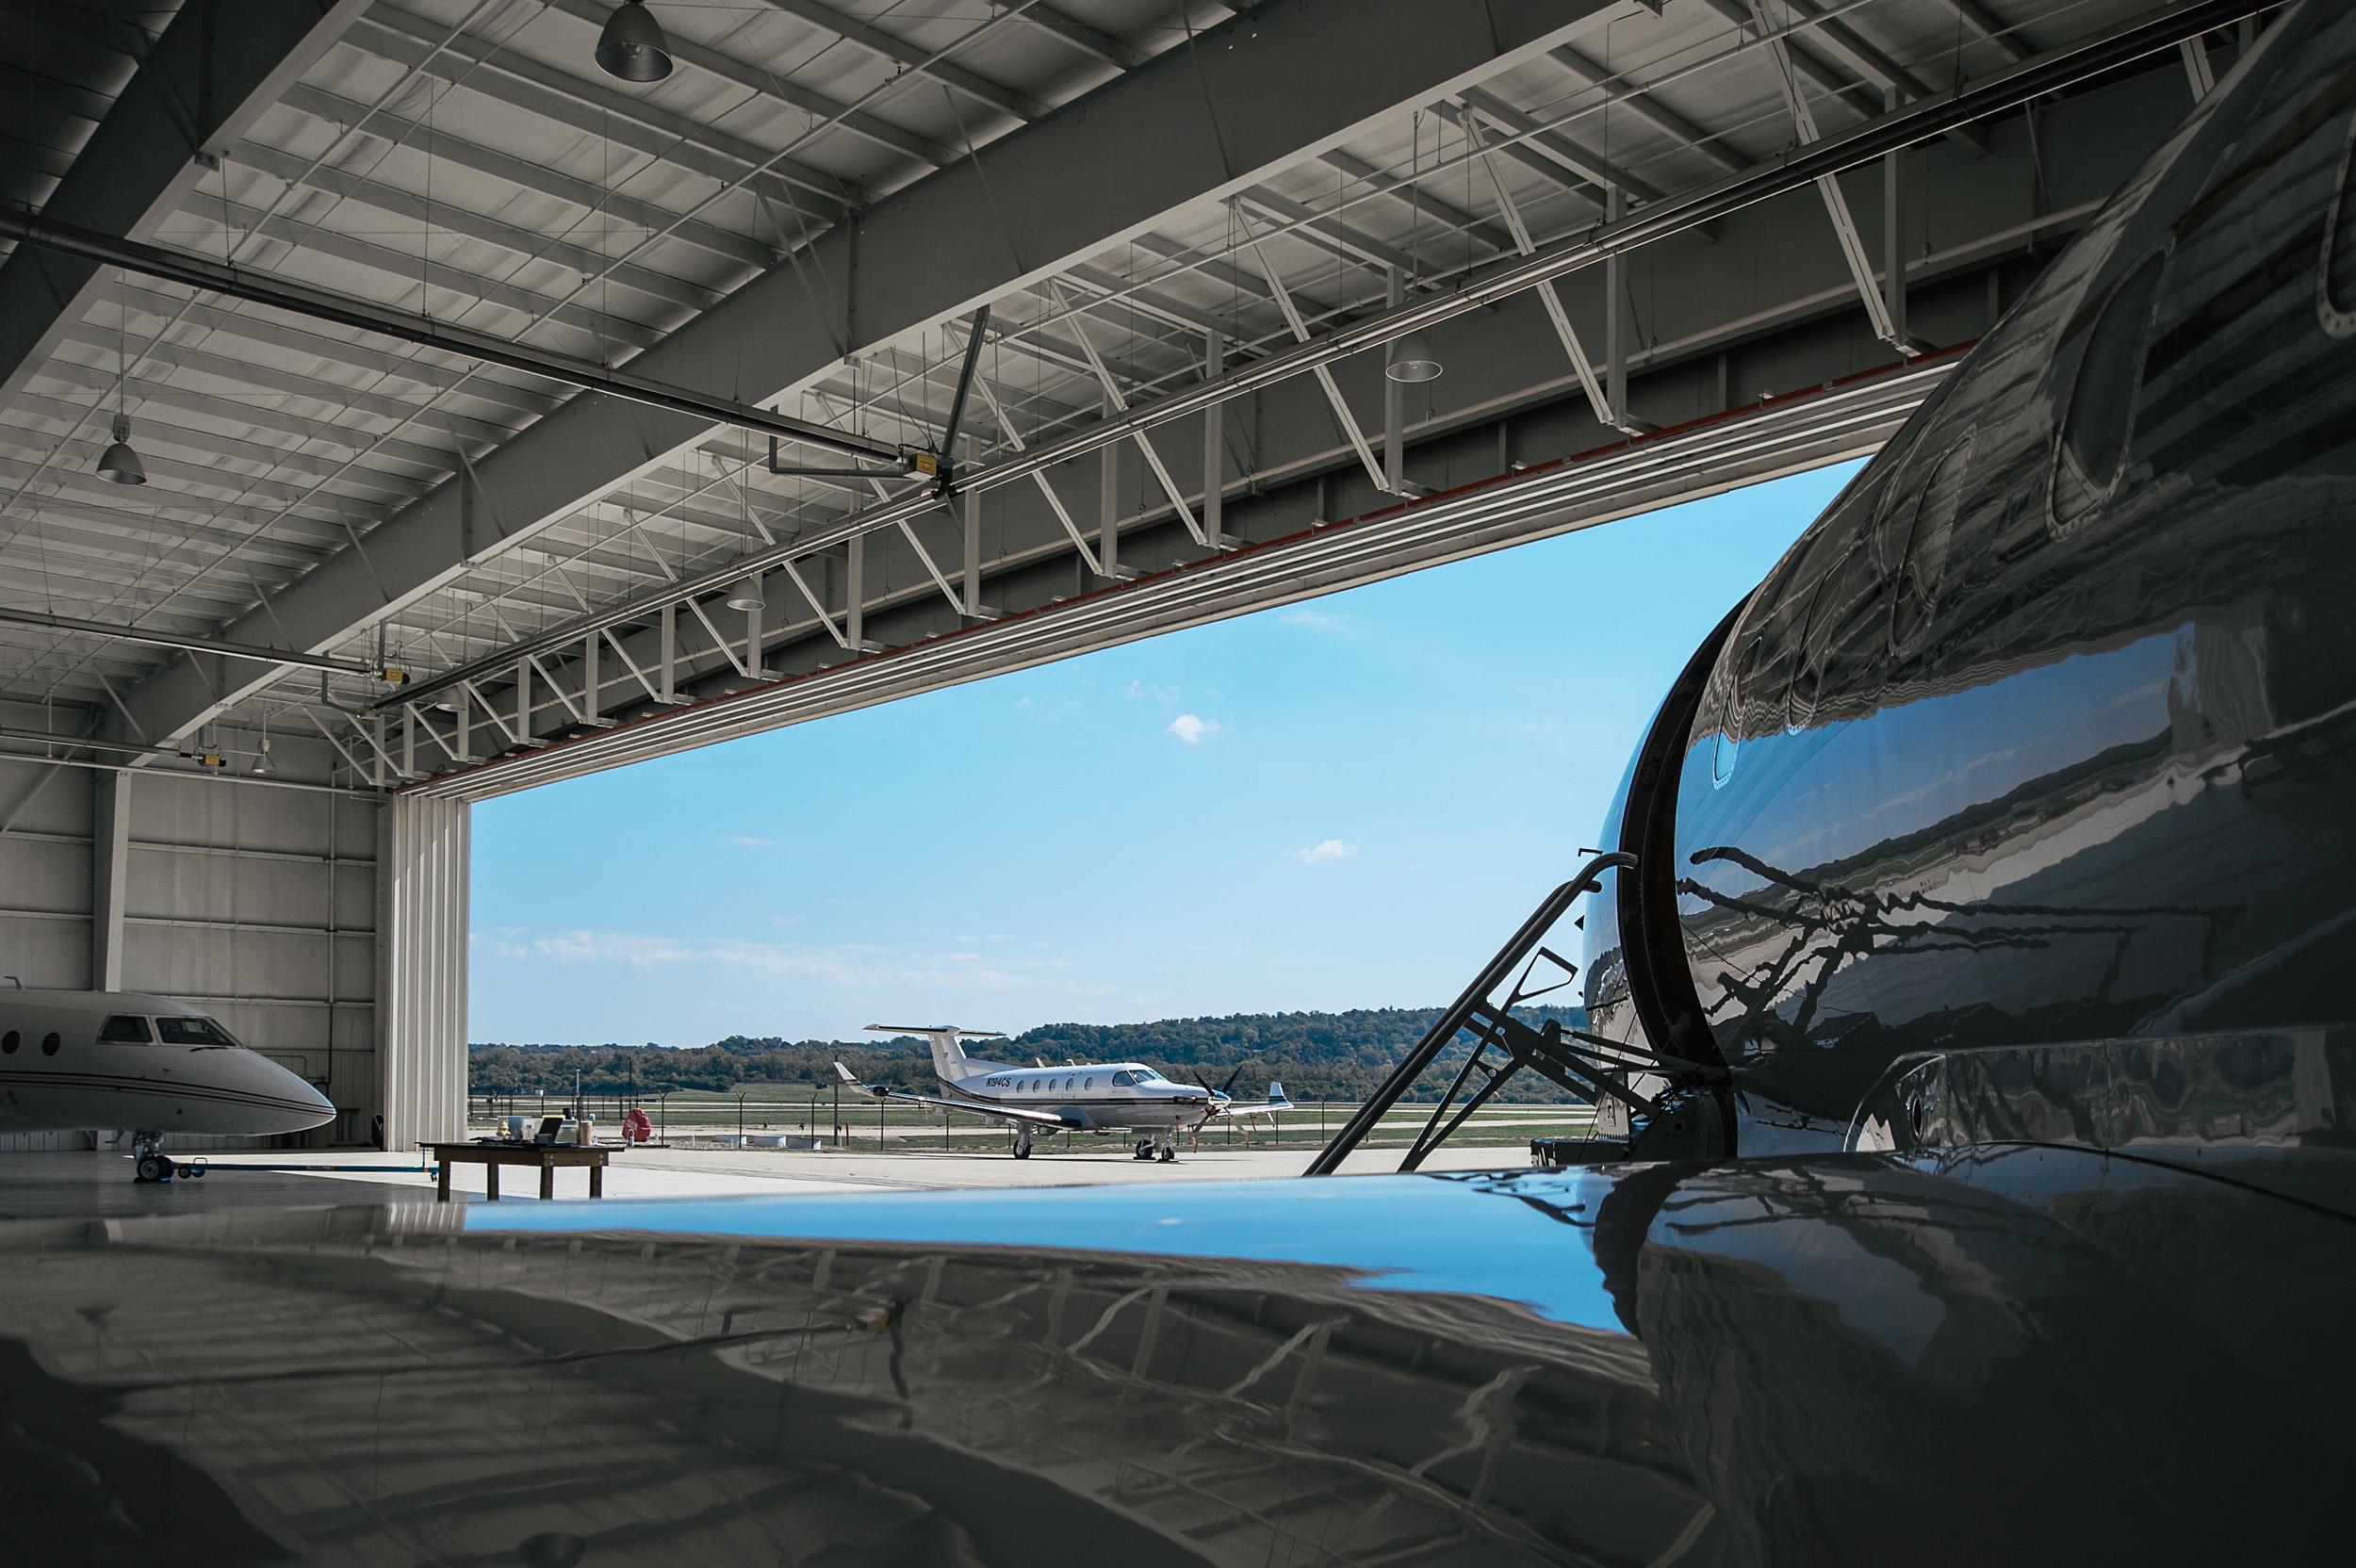 Innoviator Flight Science